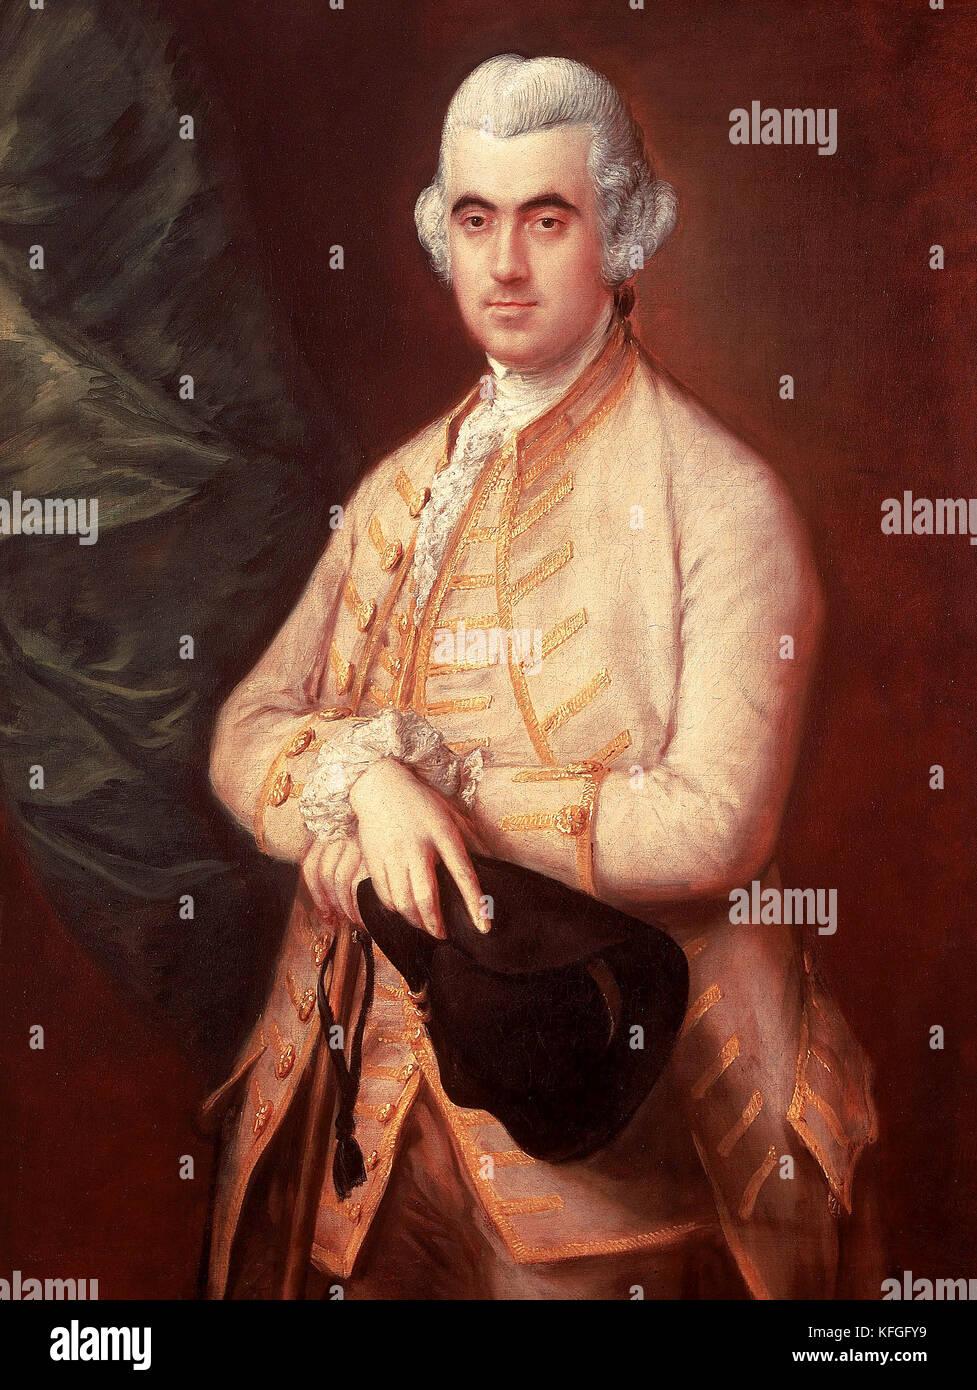 Sir Robert Clayton by Thomas Gainsborough - Stock Image